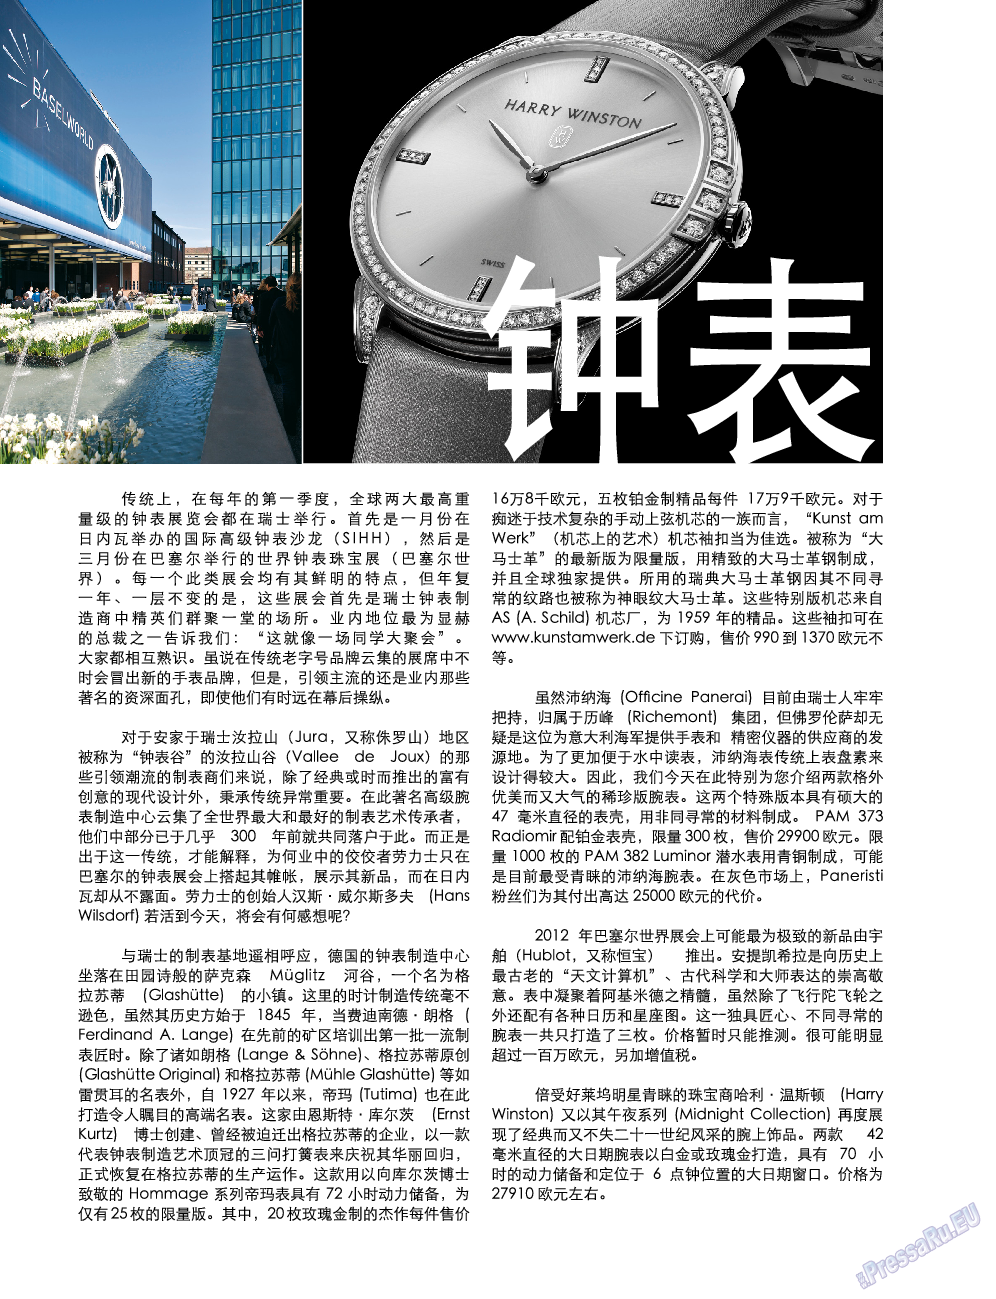 Клан (журнал). 2012 год, номер 2, стр. 32